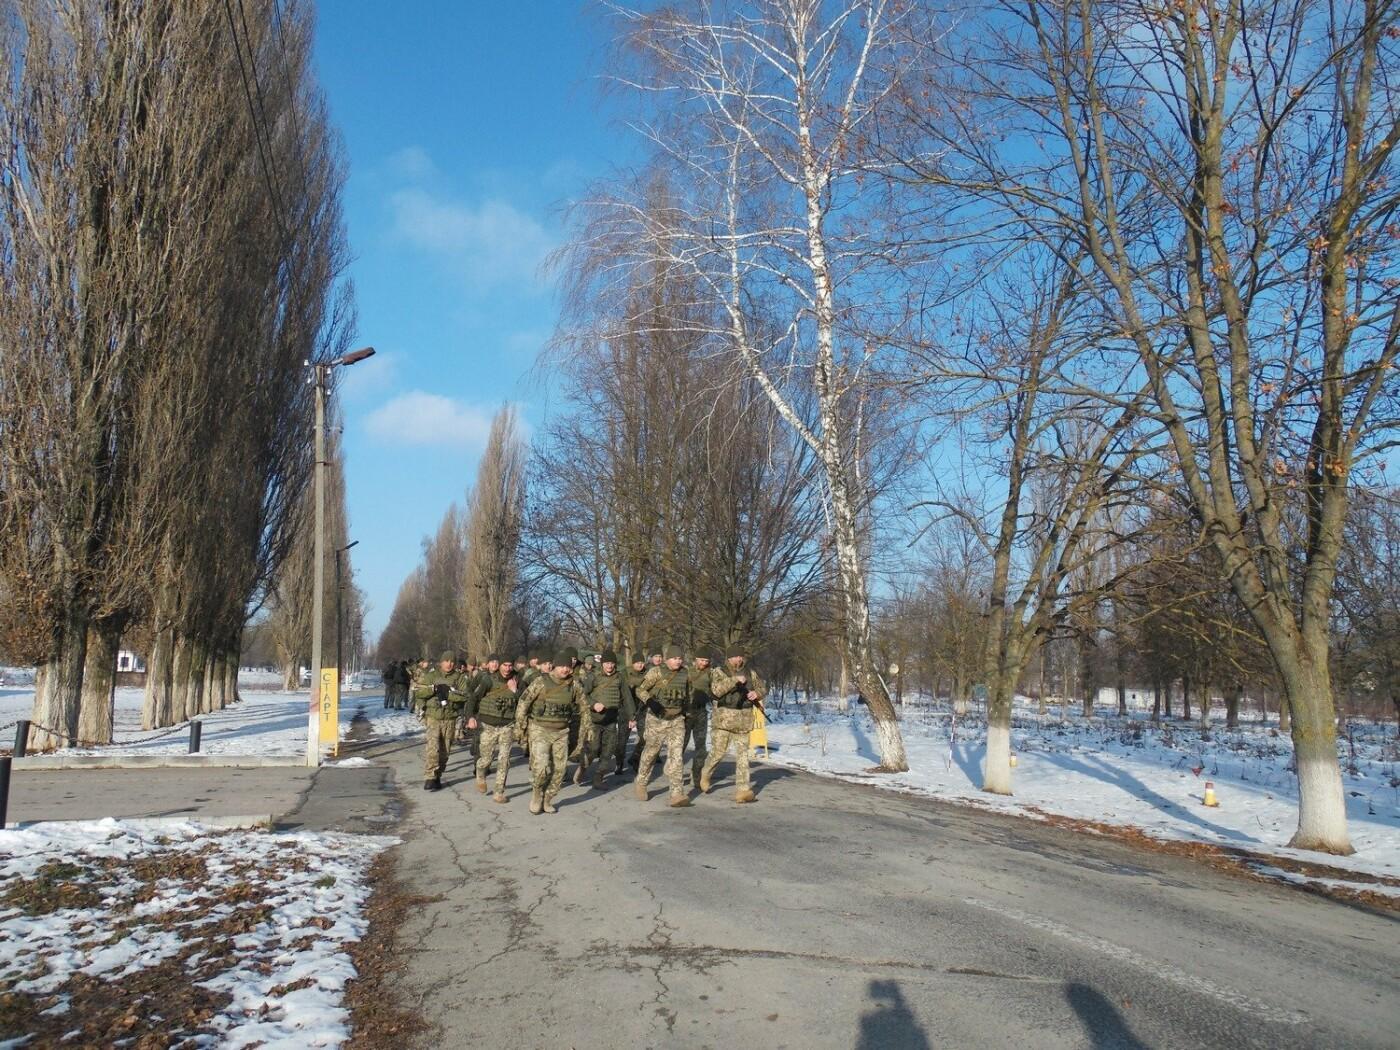 5-кілометровий марш-кидок зі штатною зброєю з нагоди 27-річниці Збройних Сил України, фото-5